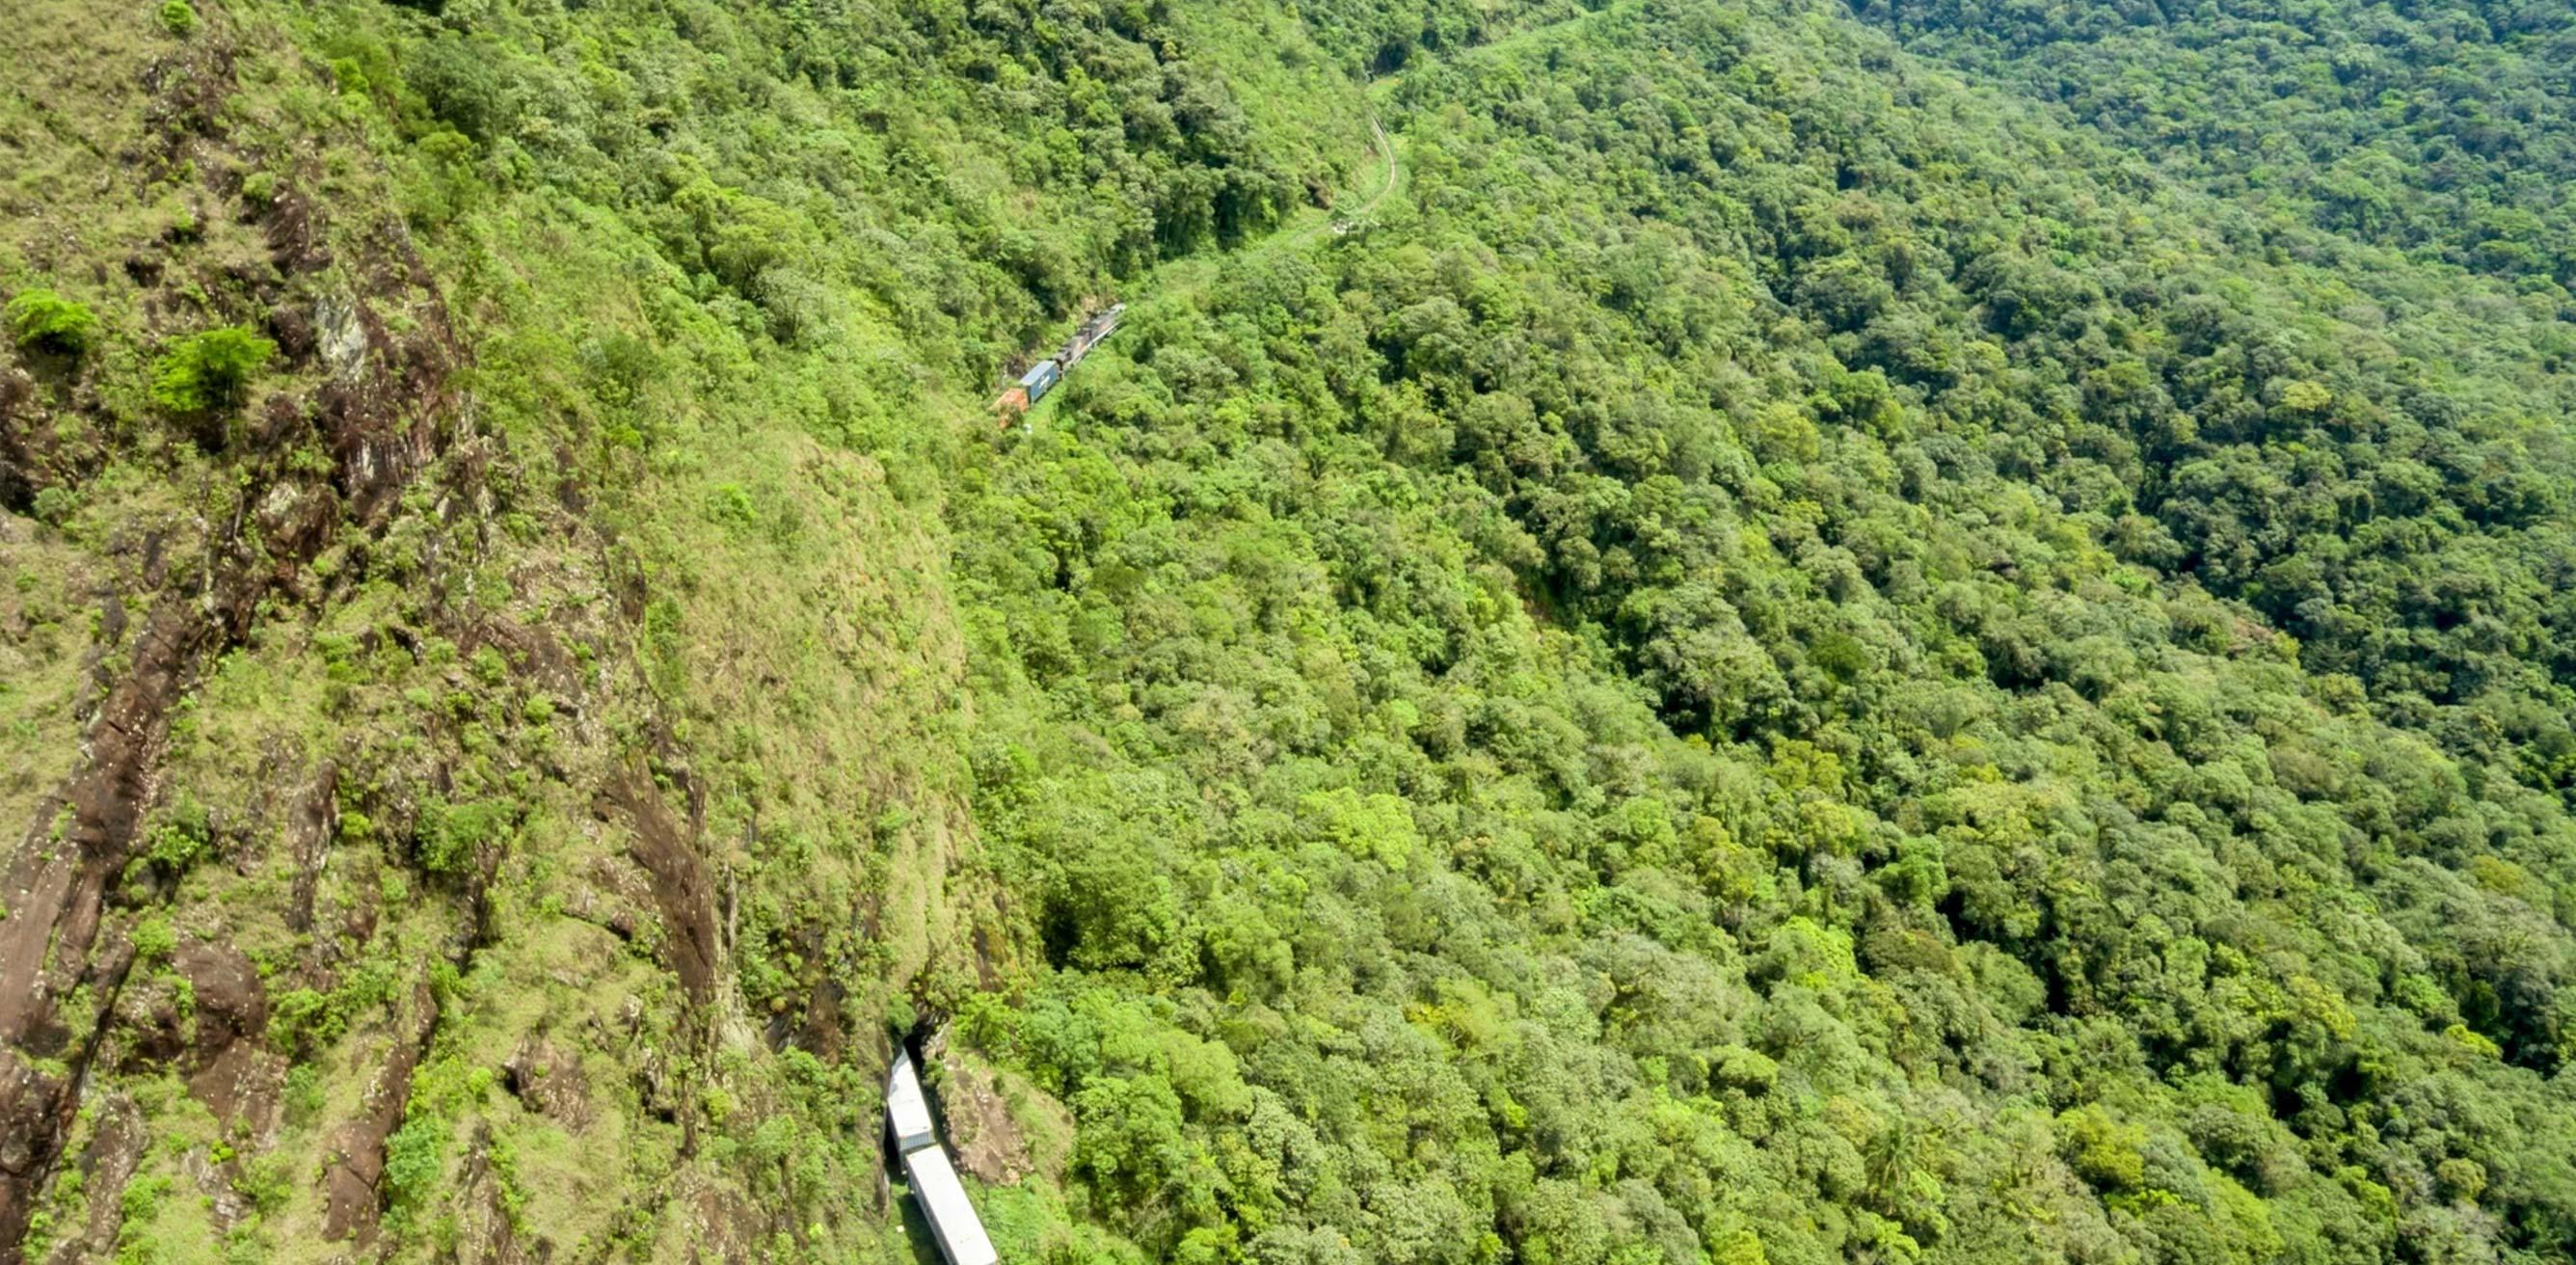 Serra Verde Express in the Marumbi State Park